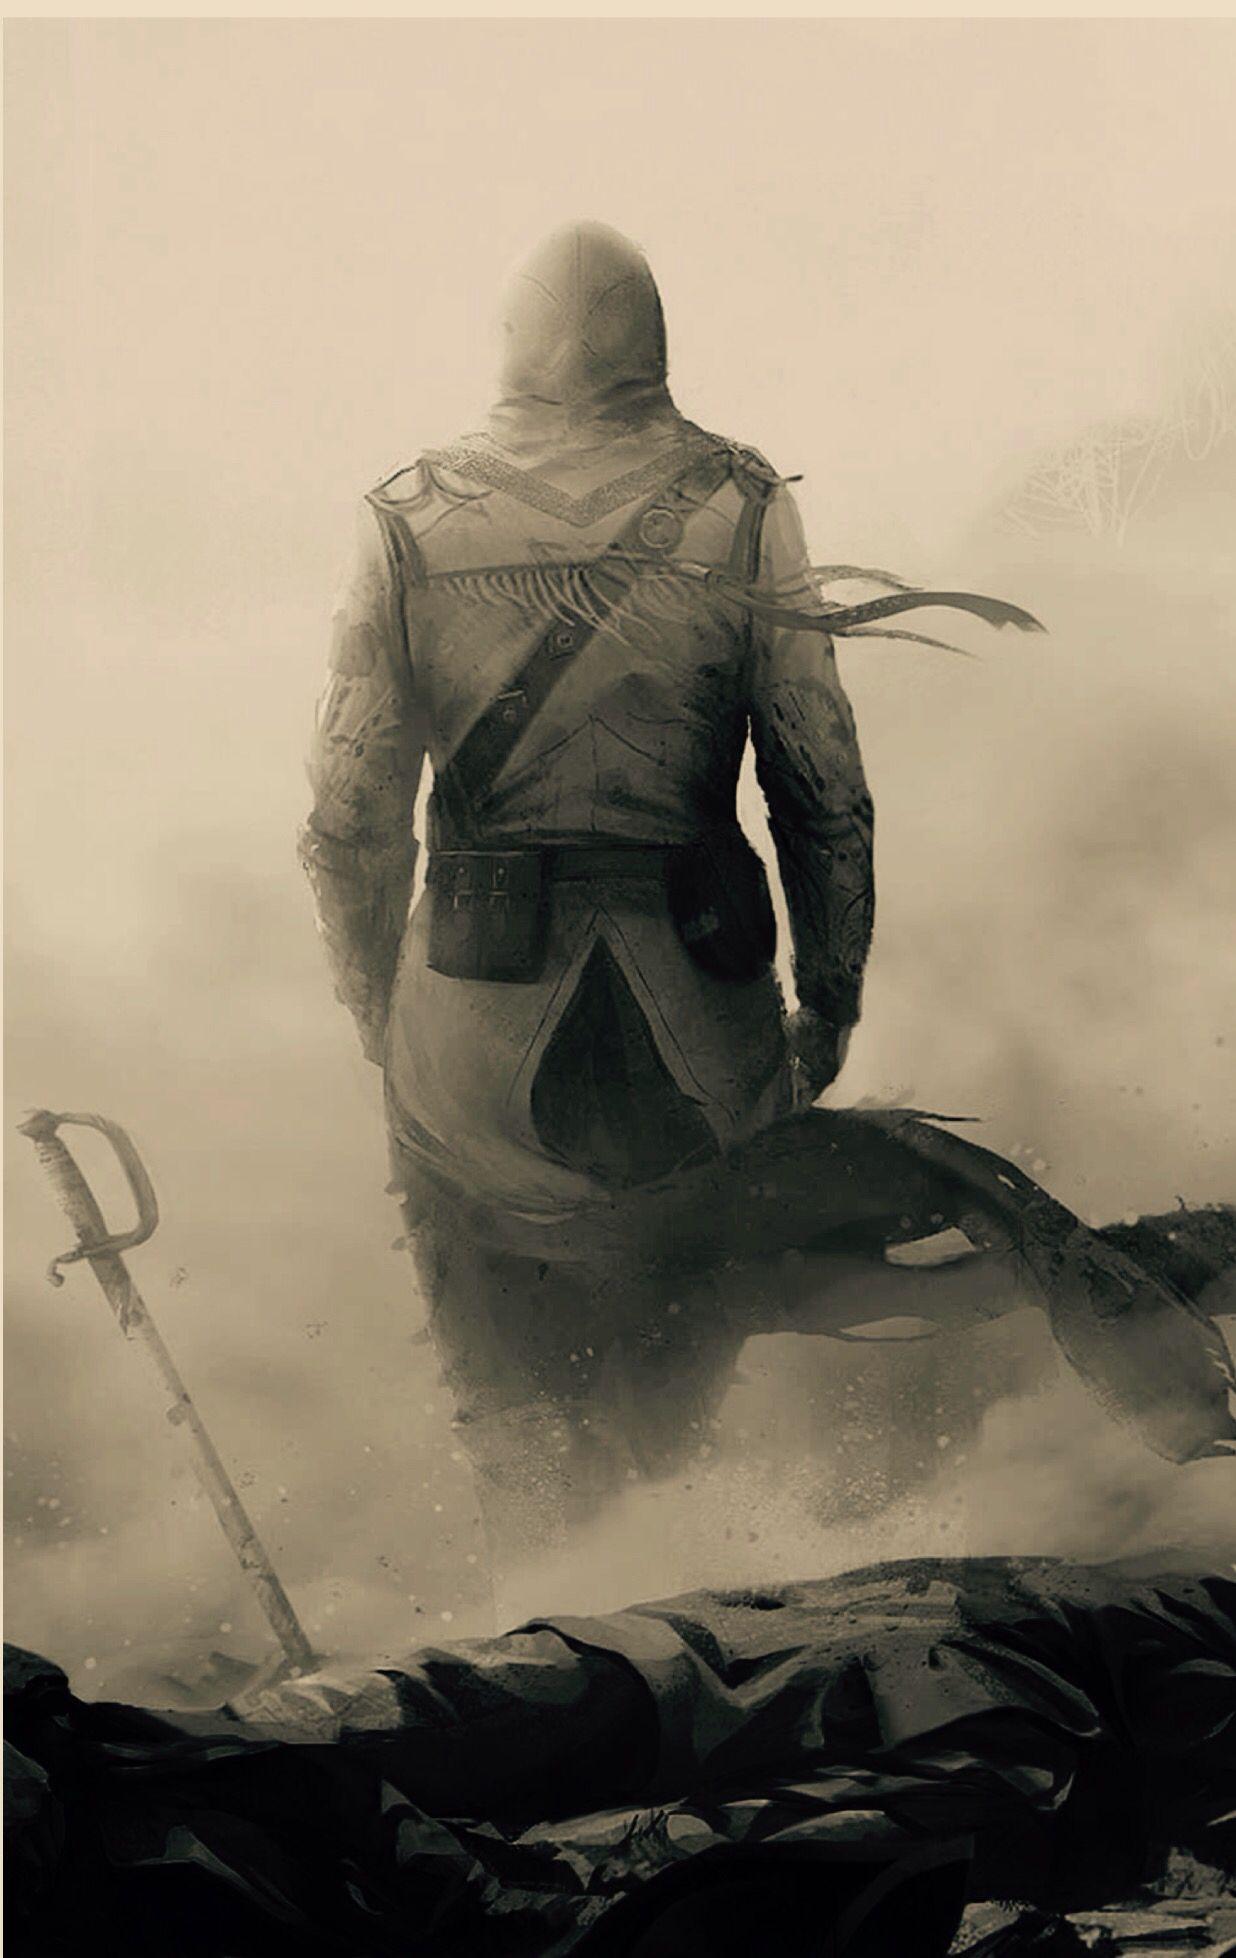 Assassin's Creed Мифические существа, Игровые арты